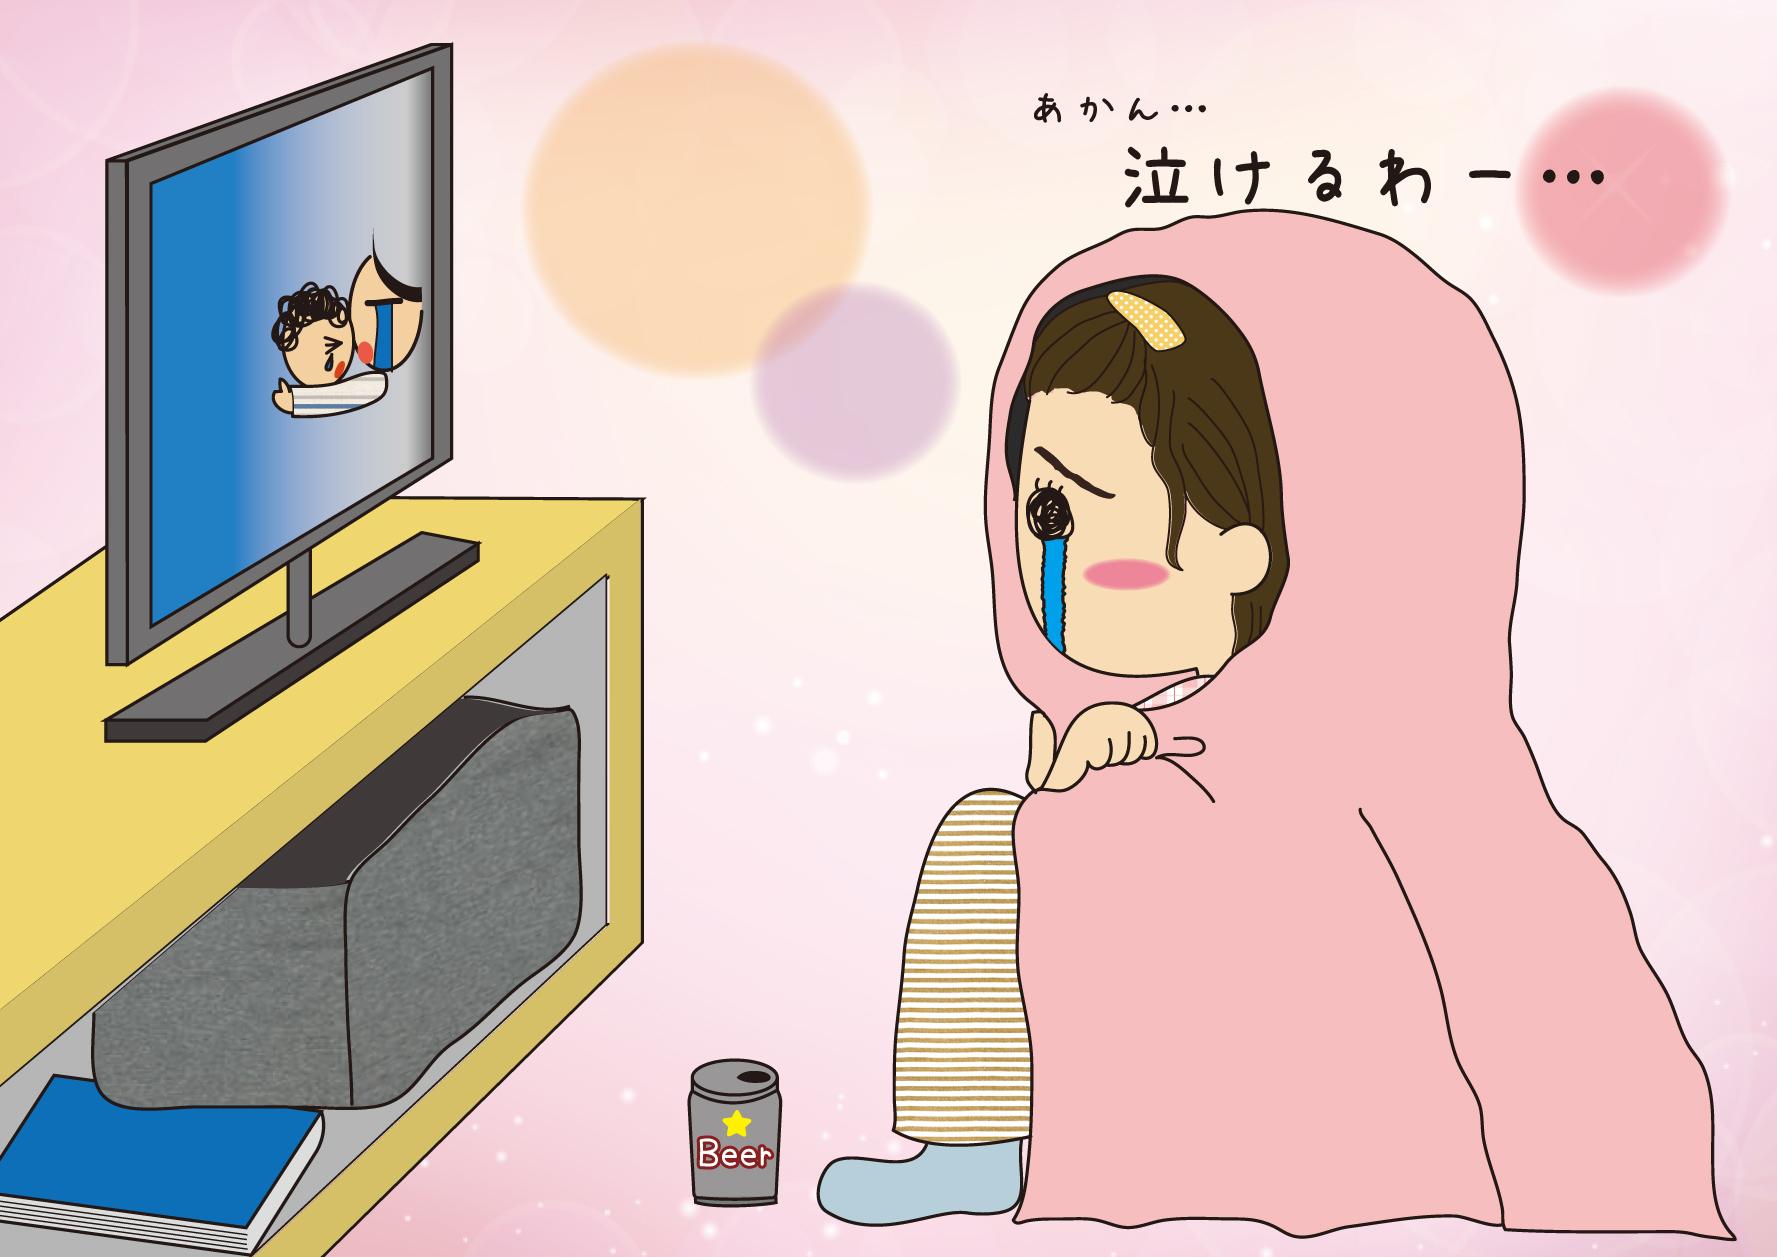 最近、泣いていますか?